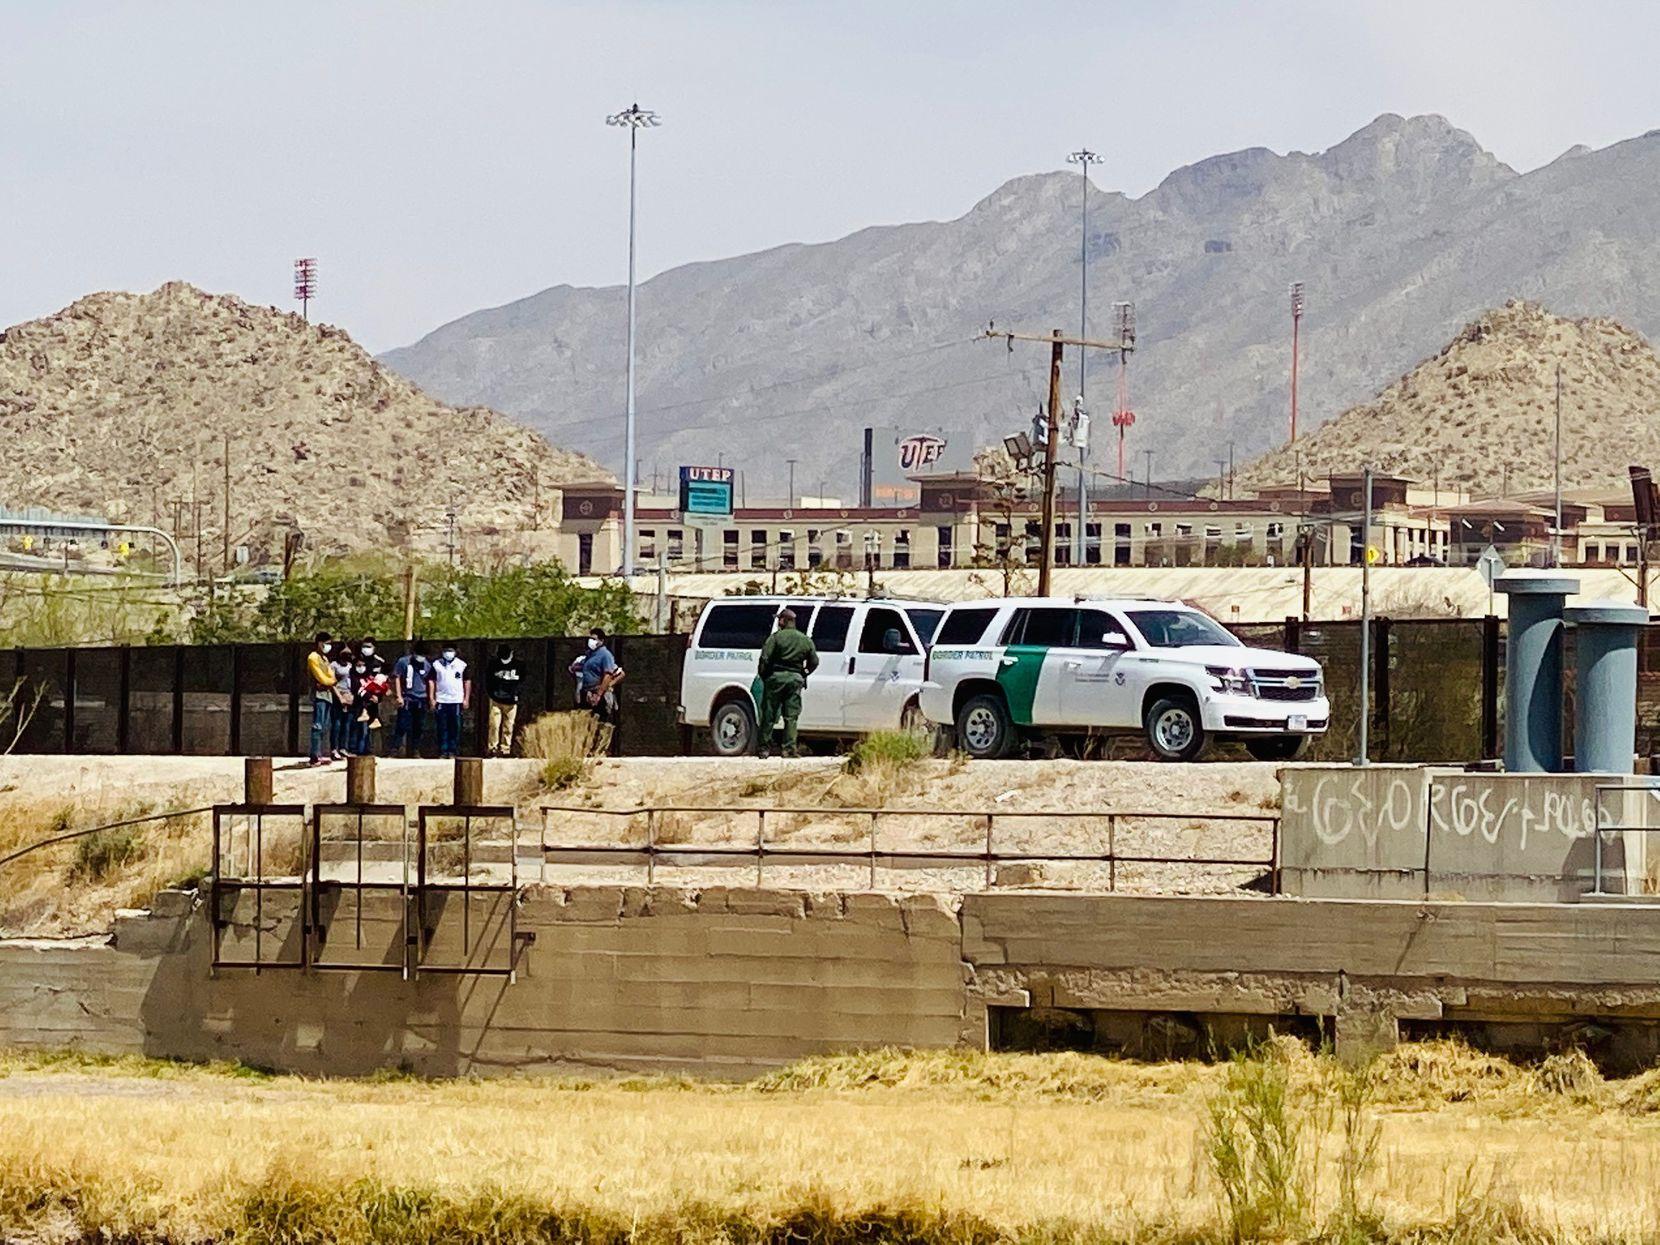 Agentes de la Patrulla Fronteriza interceptaron el 5 de abril a un grupo de migrantes que cruzó el Río Grande desde Ciudad Juárez, México para llegar a El Paso, Texas.